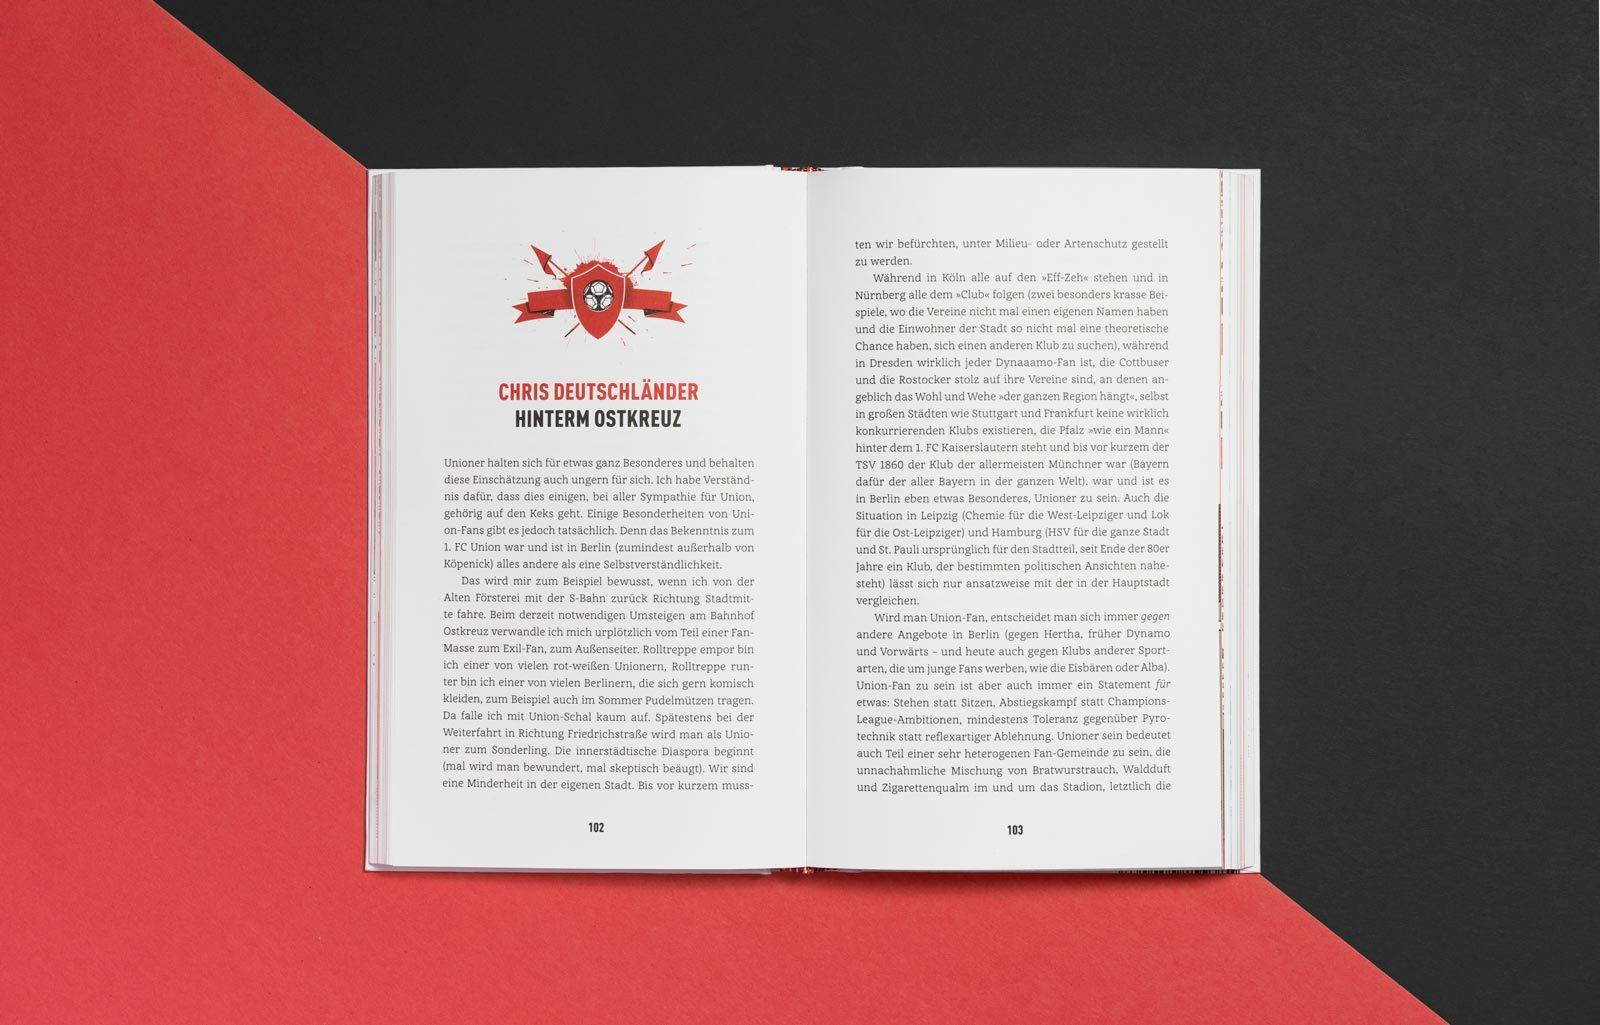 Editienne Grafikdesign - Kommunikationsdesign Berlin- Buchgestaltung und Coverdesign- Alles steht auf Rot 5